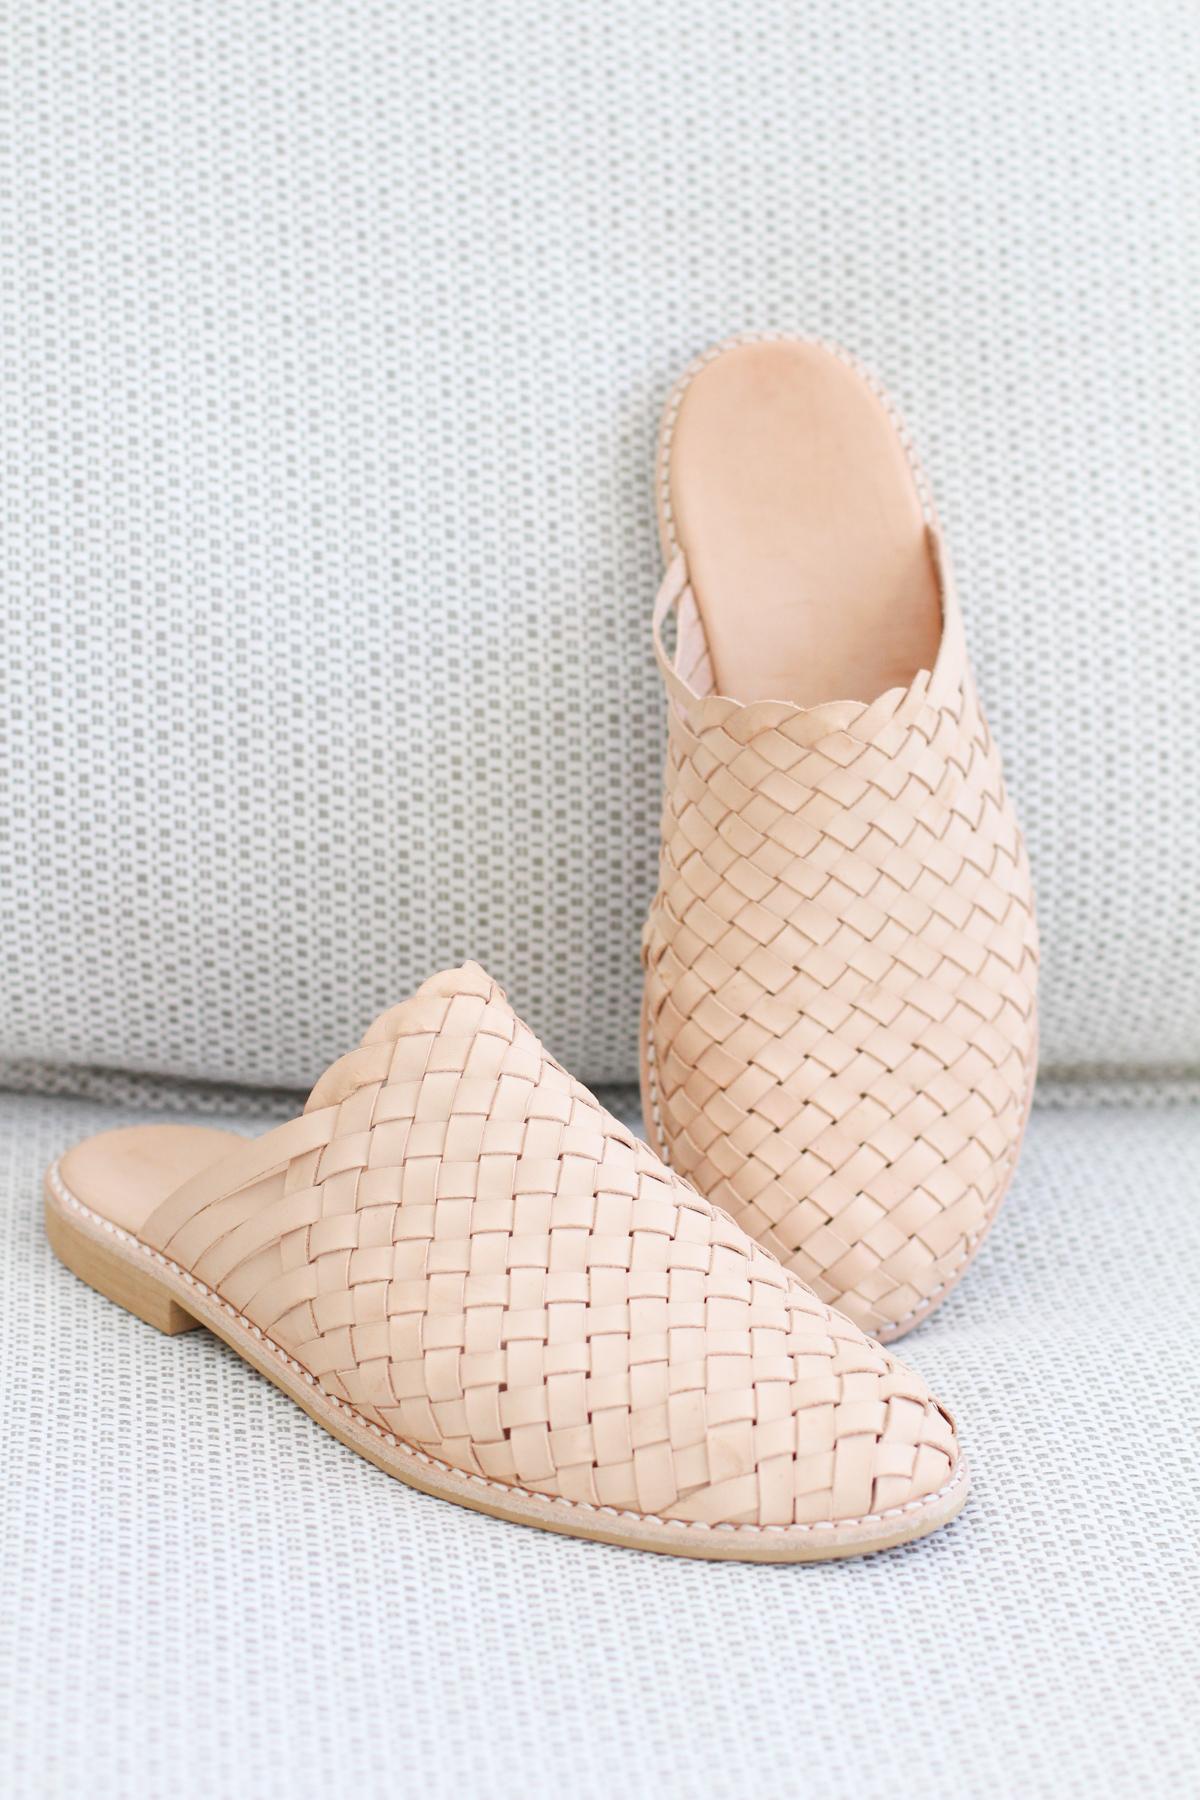 Megan Nielsen's Basket Weave Mules handmade shoes